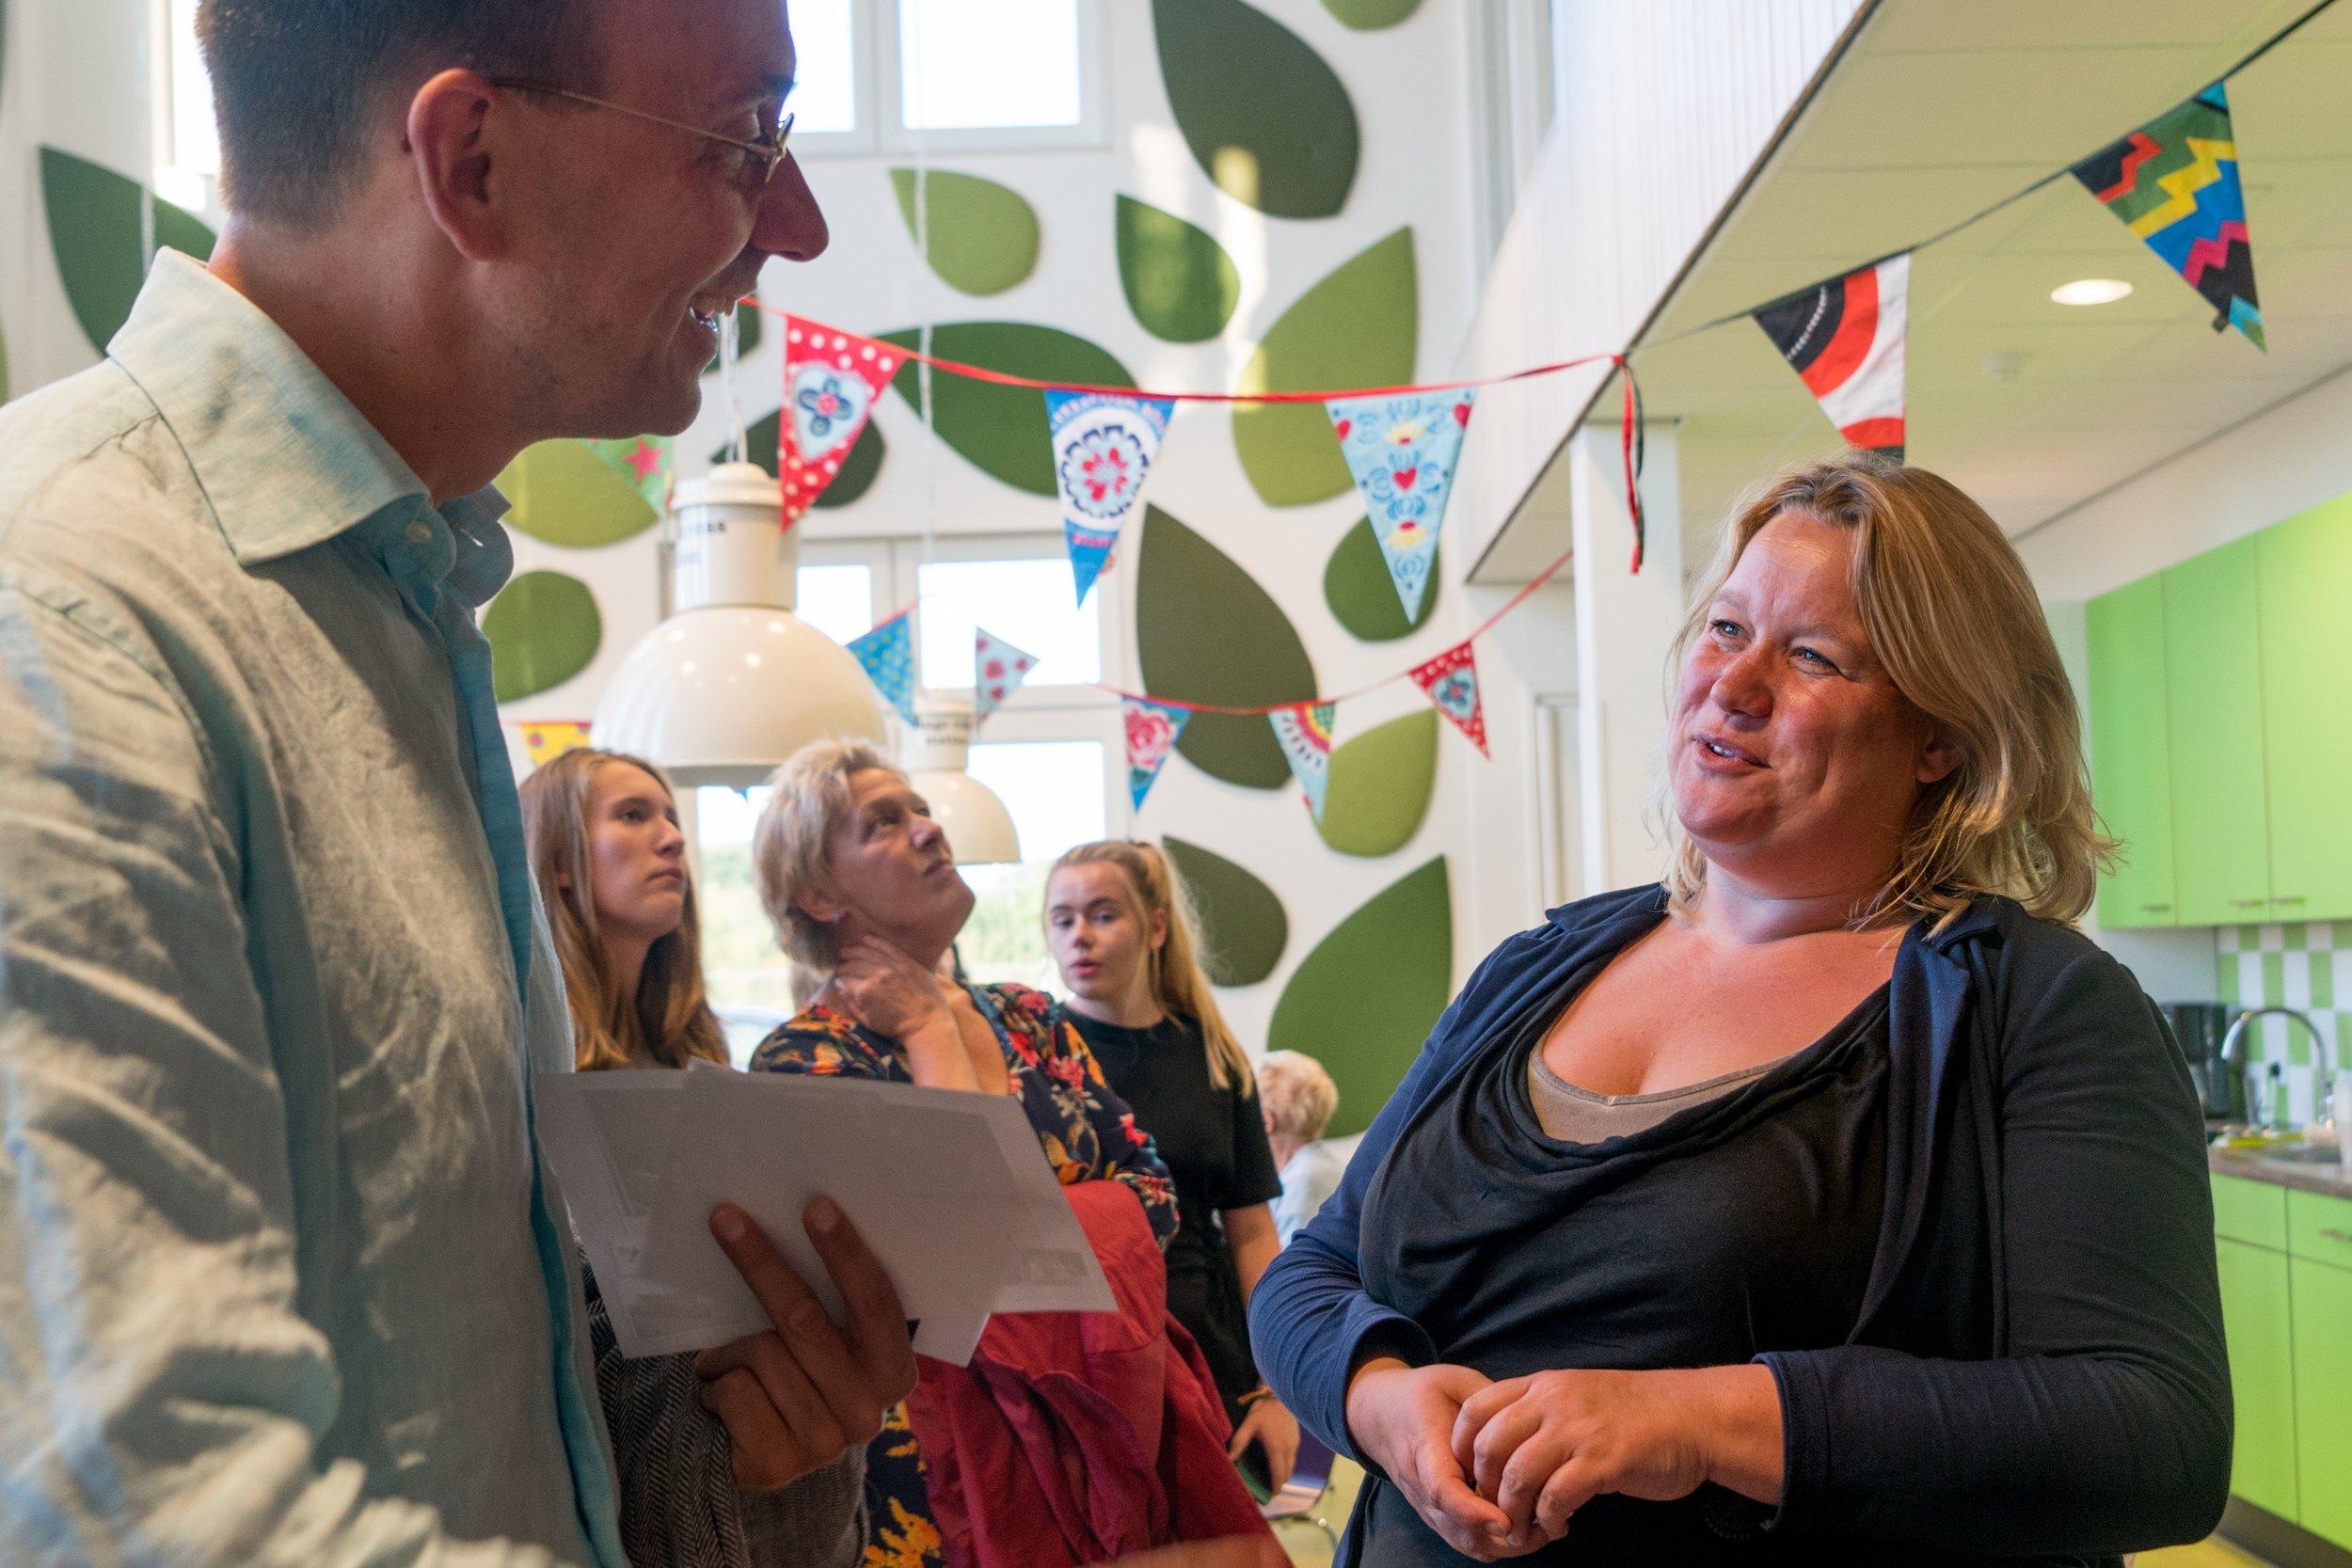 Joke Tillemans in gesprek met dirk anton van mulligen van het game changers network tijdens het eindfeest van groep 8 in 2017. (c) remko koeneman, 2017.